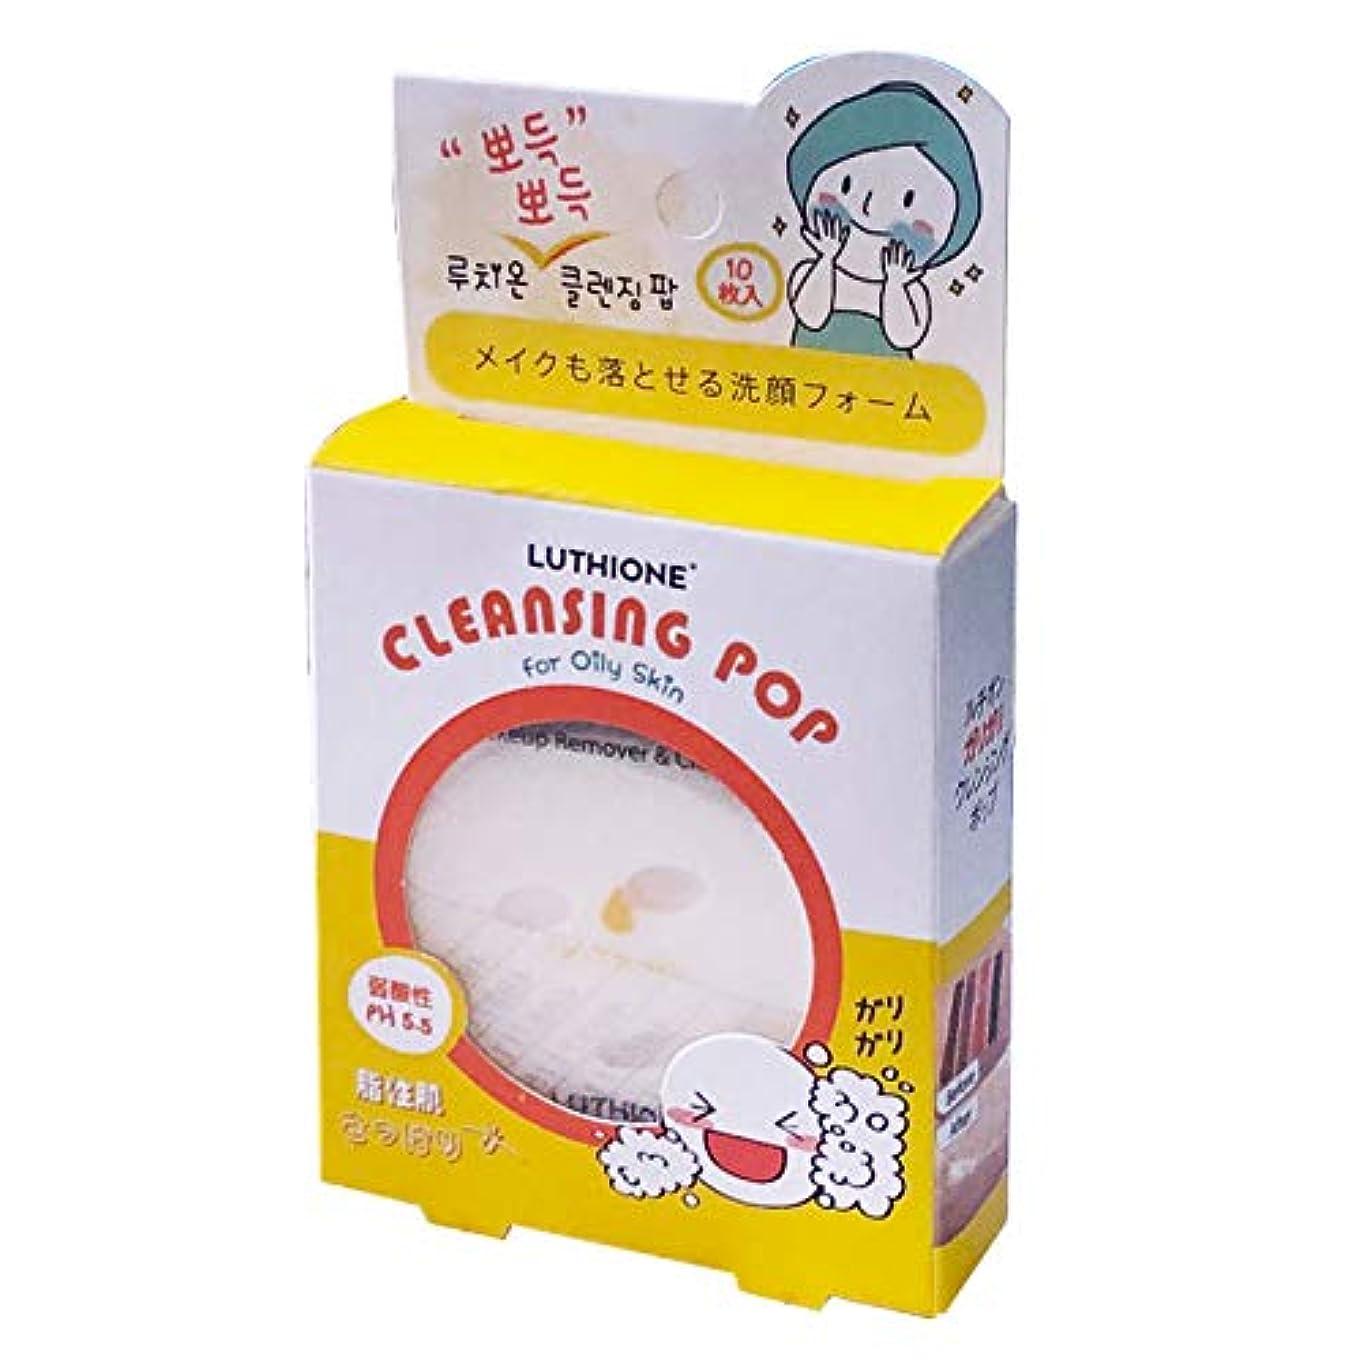 からちらつきテーマ【まとめ買い】ルチオン クレンジングポップ (LUTHIONE CLEANSING POP) 脂性肌 10枚入り ×2個